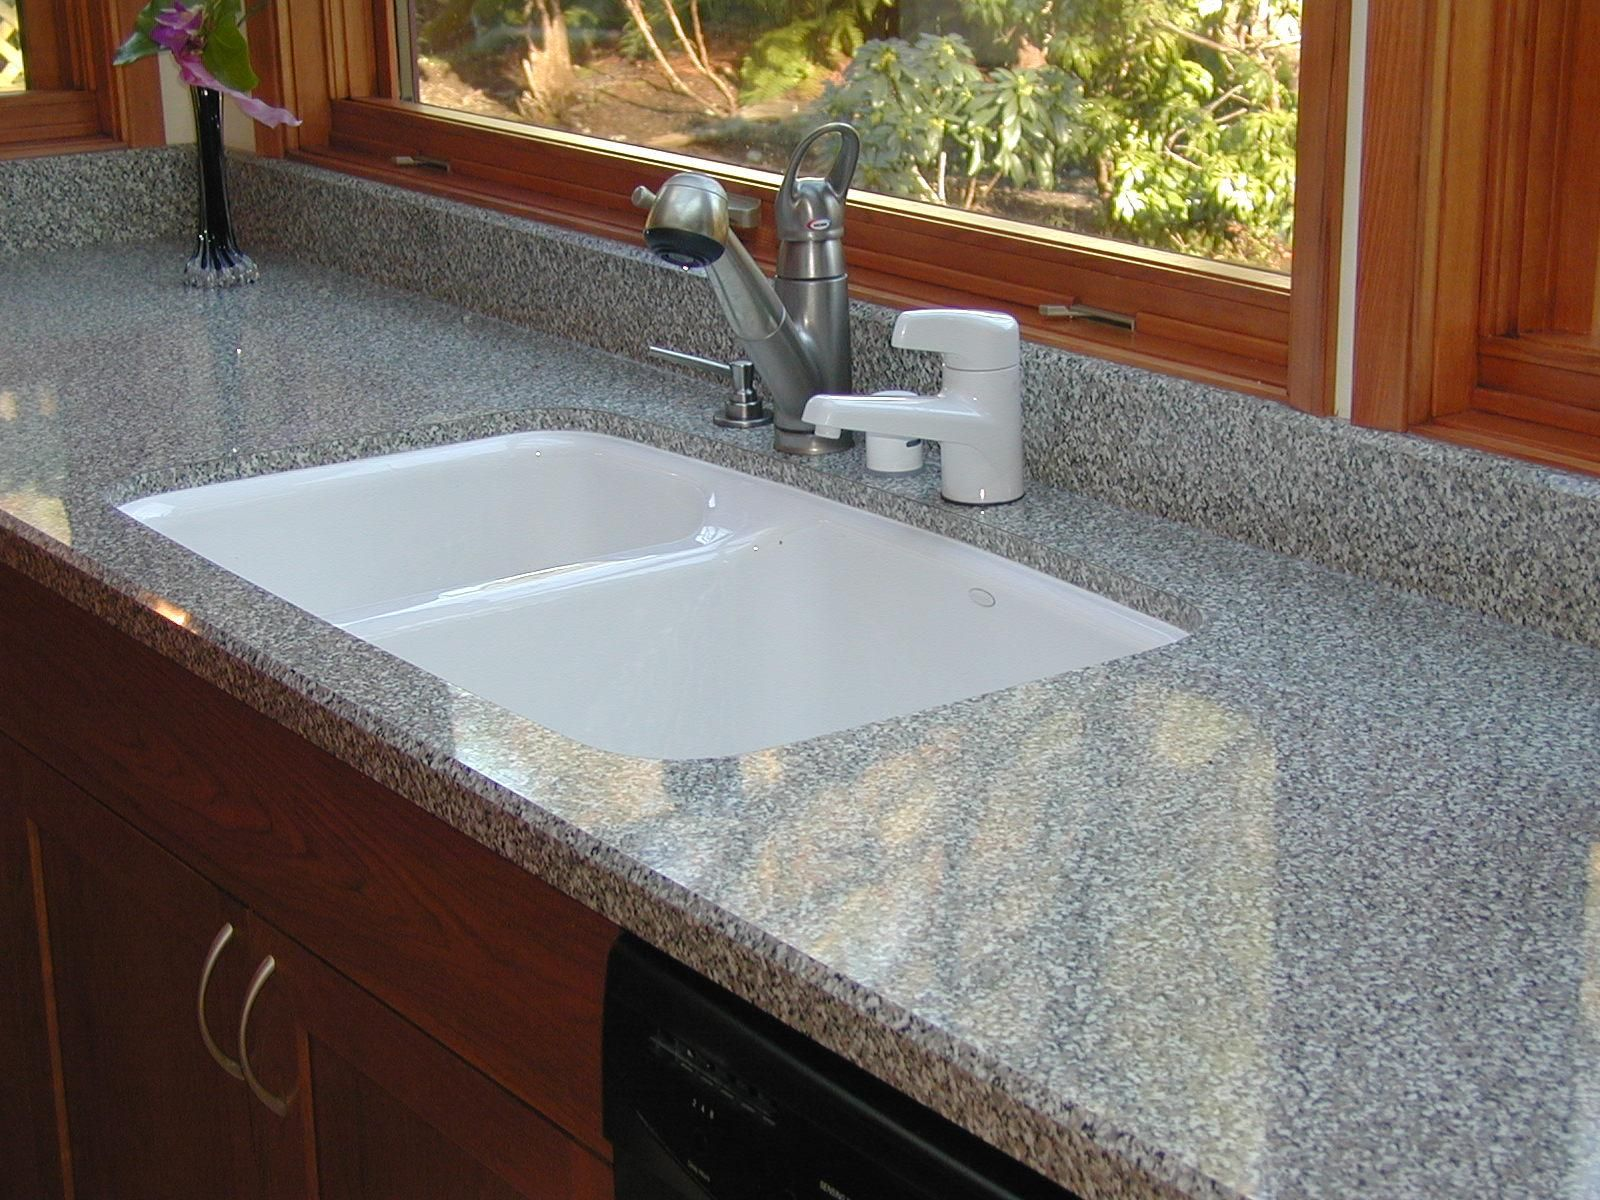 The Undermount Kitchen Sinks White Undermount Kitchen Sink